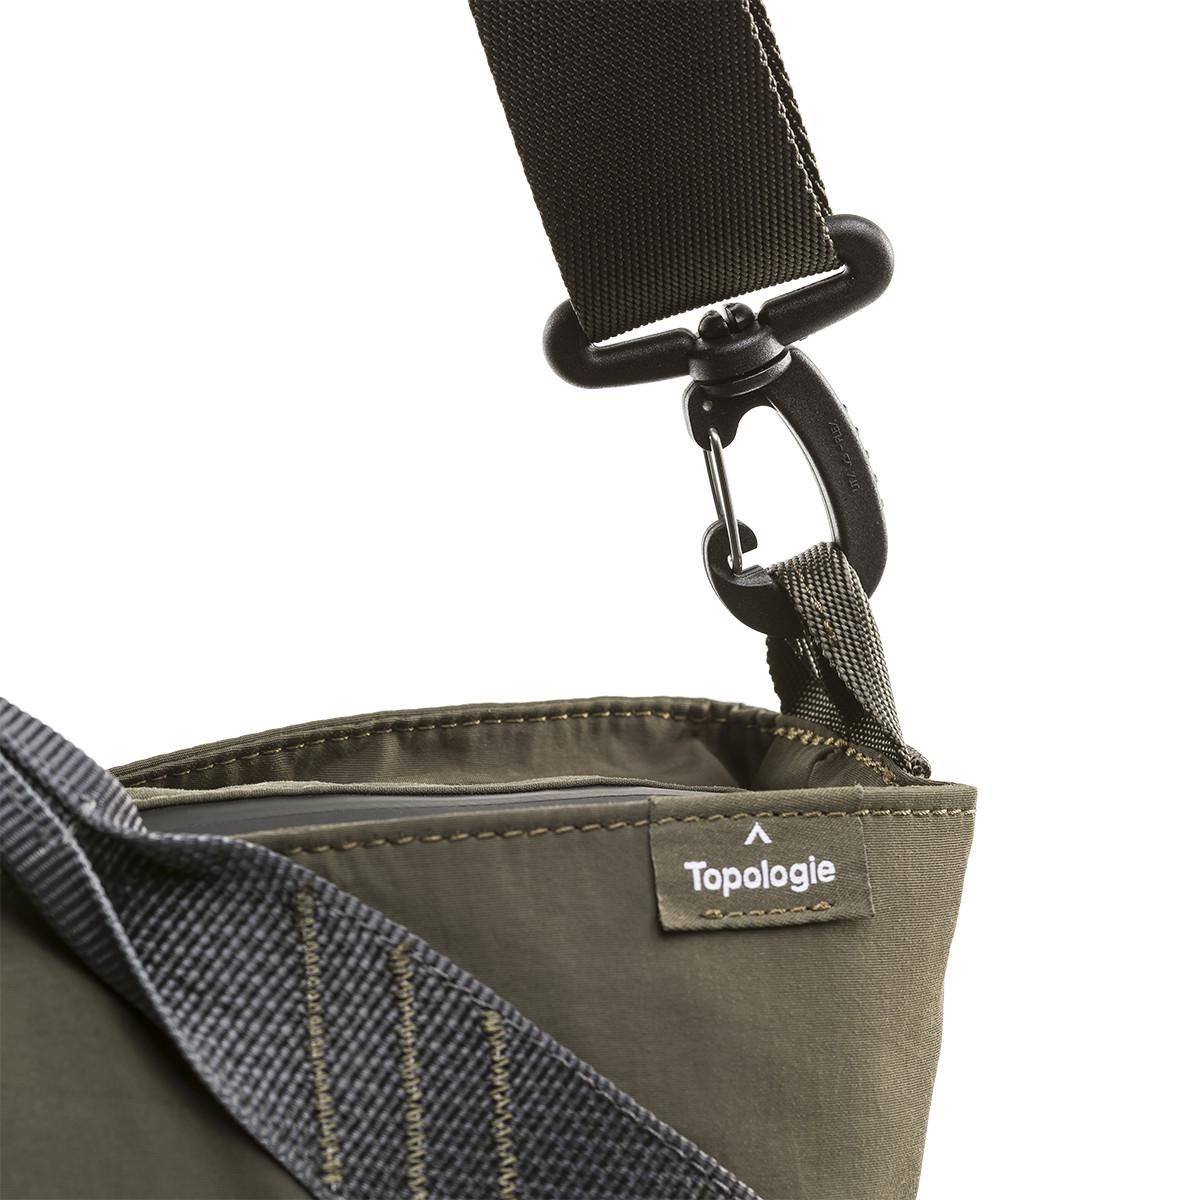 「地学」を意味するブランド名の『Topologie』。超軽量、動きを邪魔しない、荷重を分散、ミニマムデザインの2WAYトートバッグ | Topologie